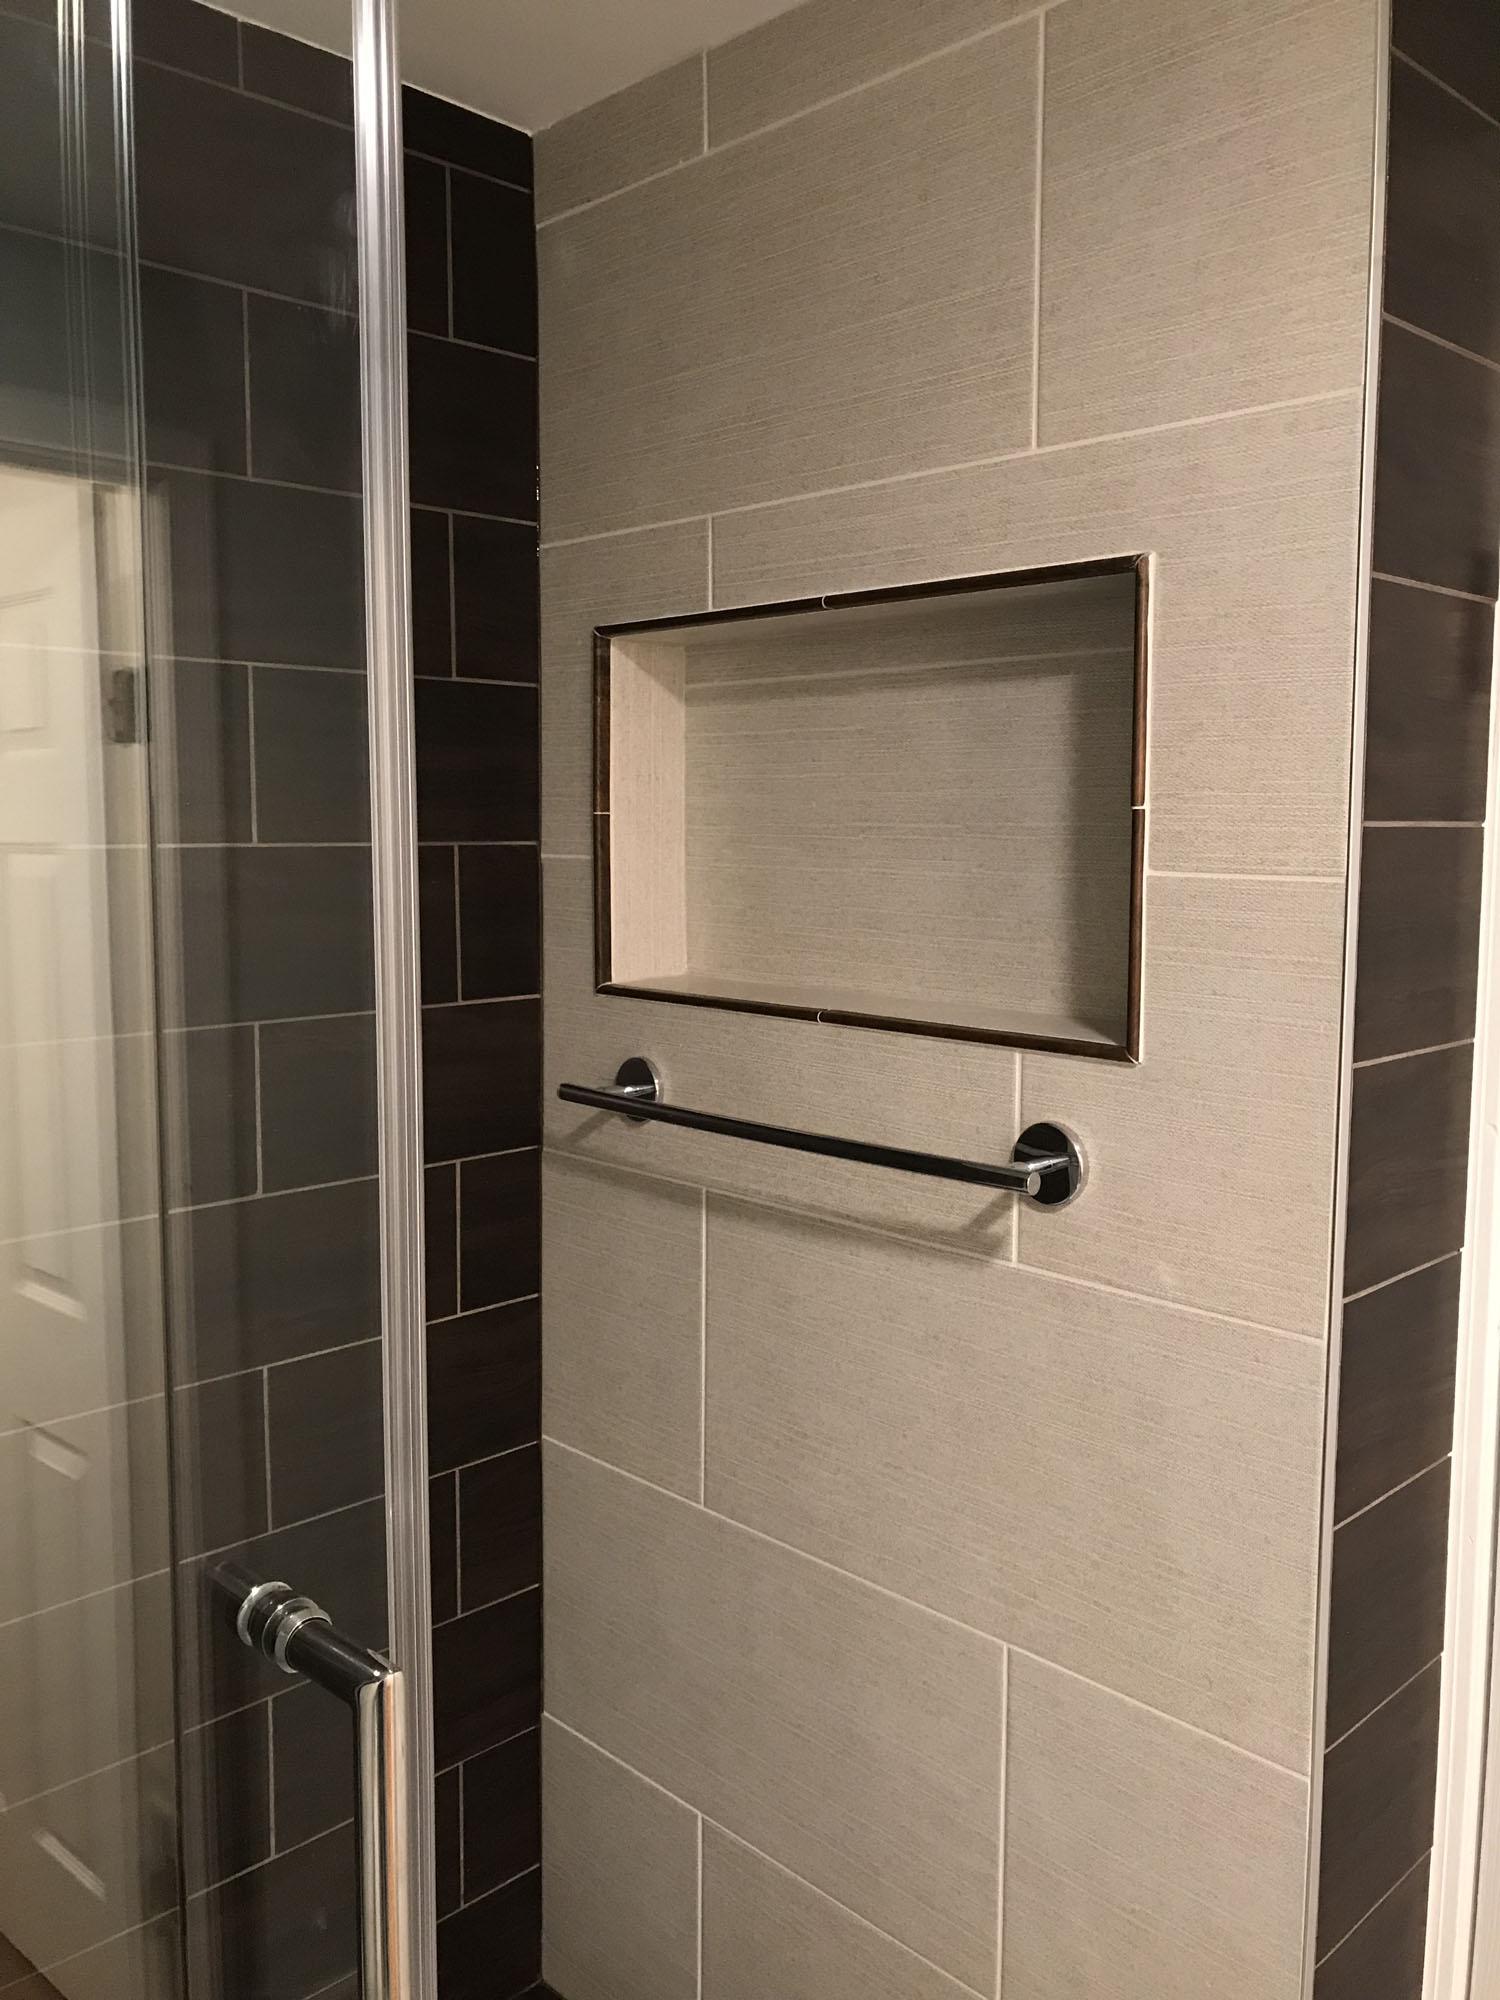 Dorable Kitchen Remodeling Schaumburg Il Ensign Interior Design - Bathroom remodel schaumburg il